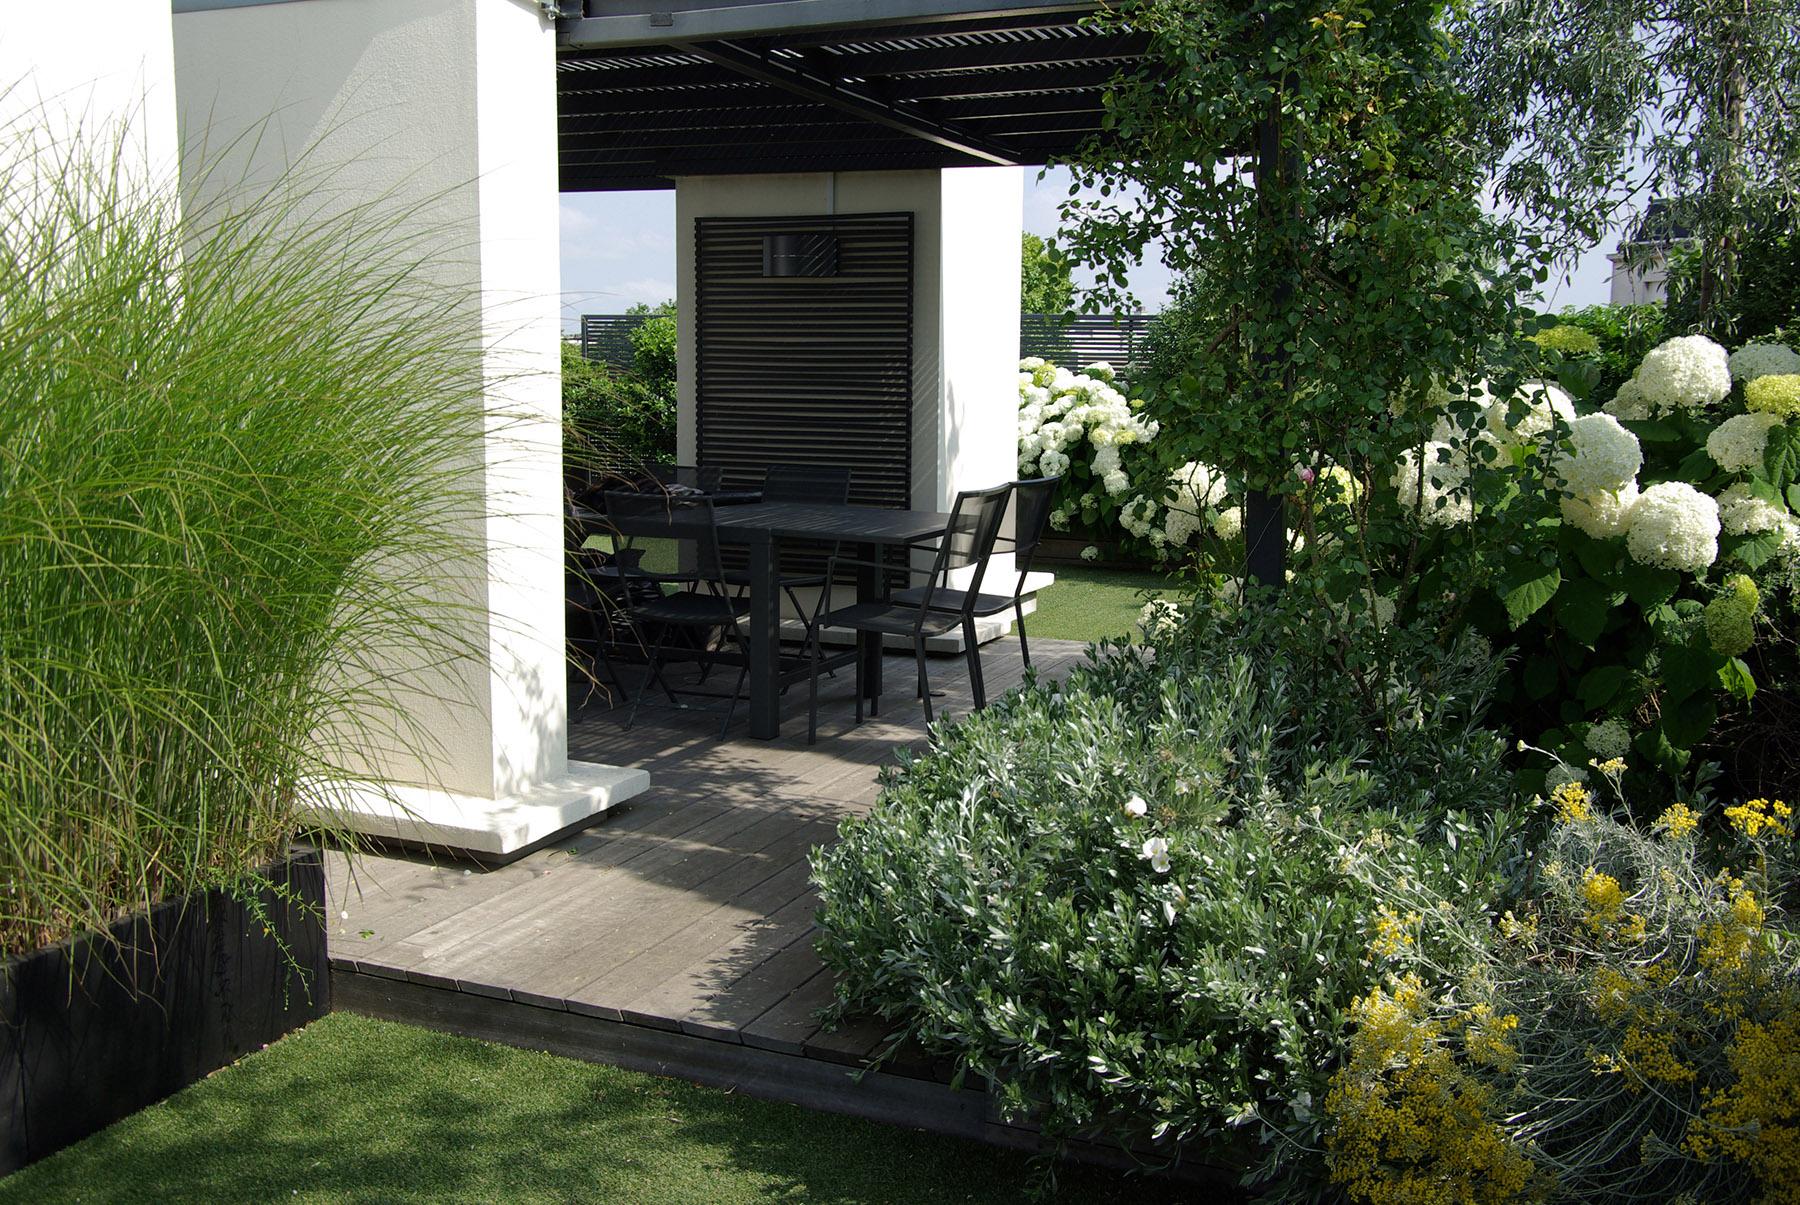 Terrasse design haut de gamme pergola Neuilly Olivia Bochet